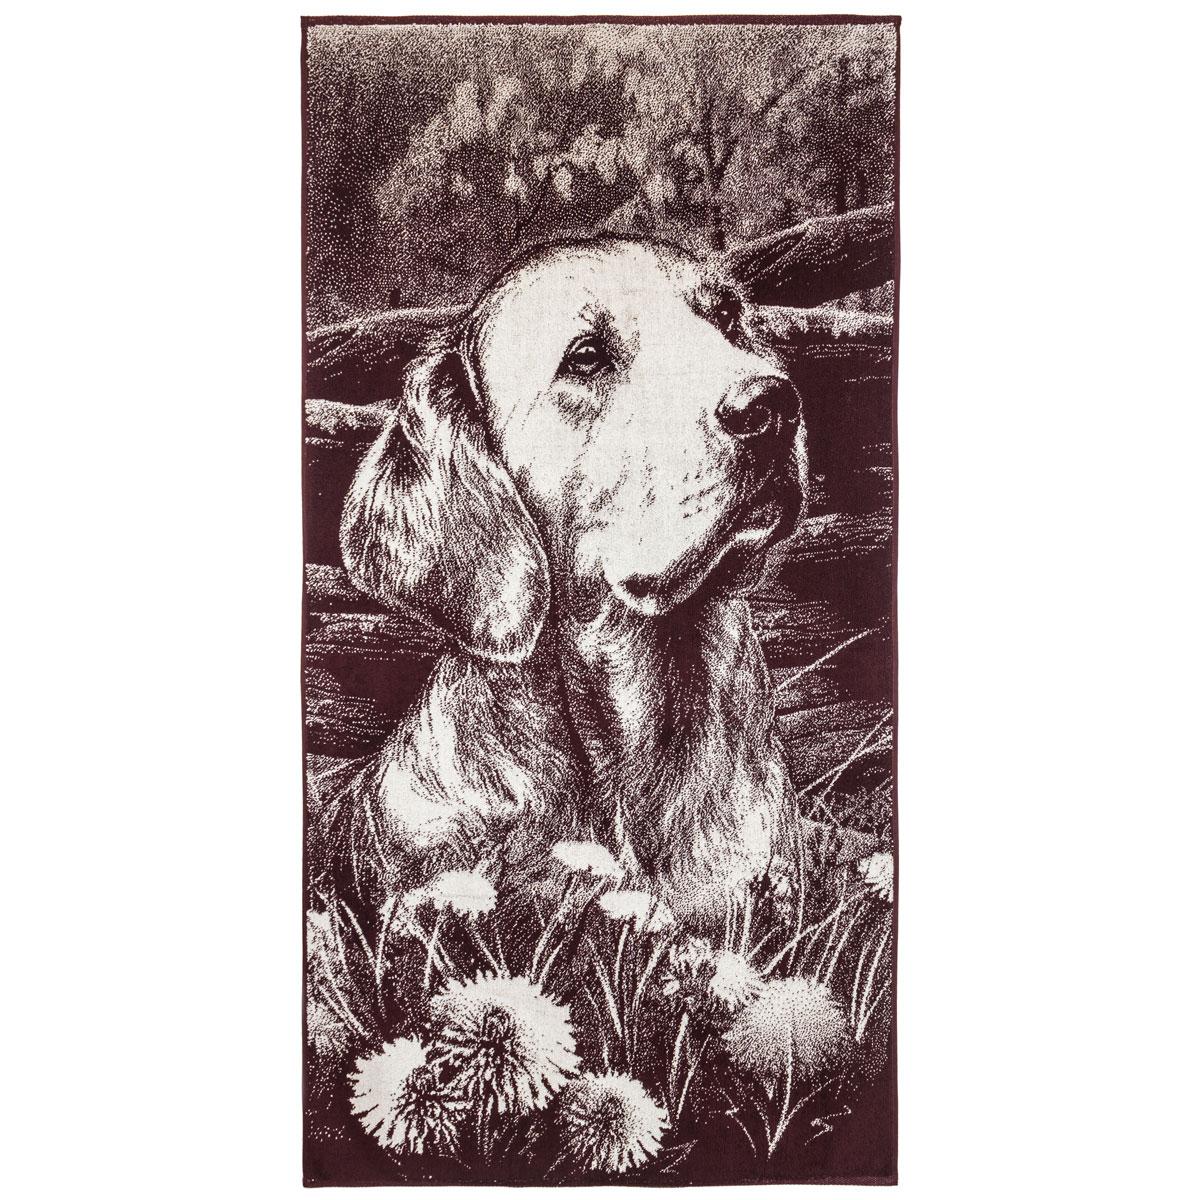 Полотенце  Мягкое  р. 70х140 - Текстиль для дома артикул: 29867